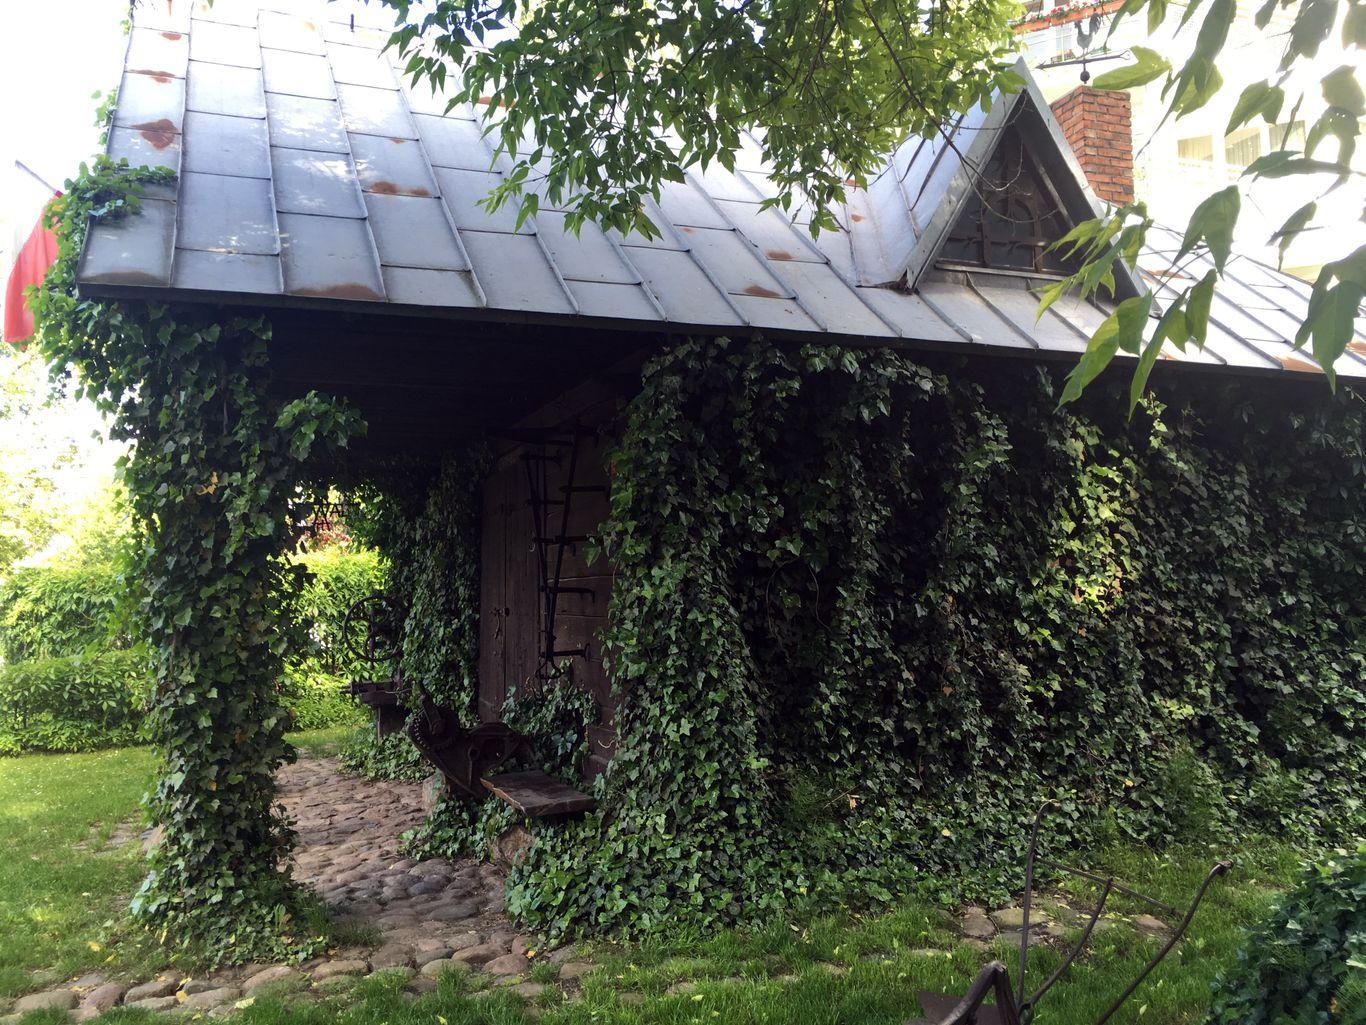 Muzeum kowalstwa w Warszawie - Dom obrośnięty bluszczem